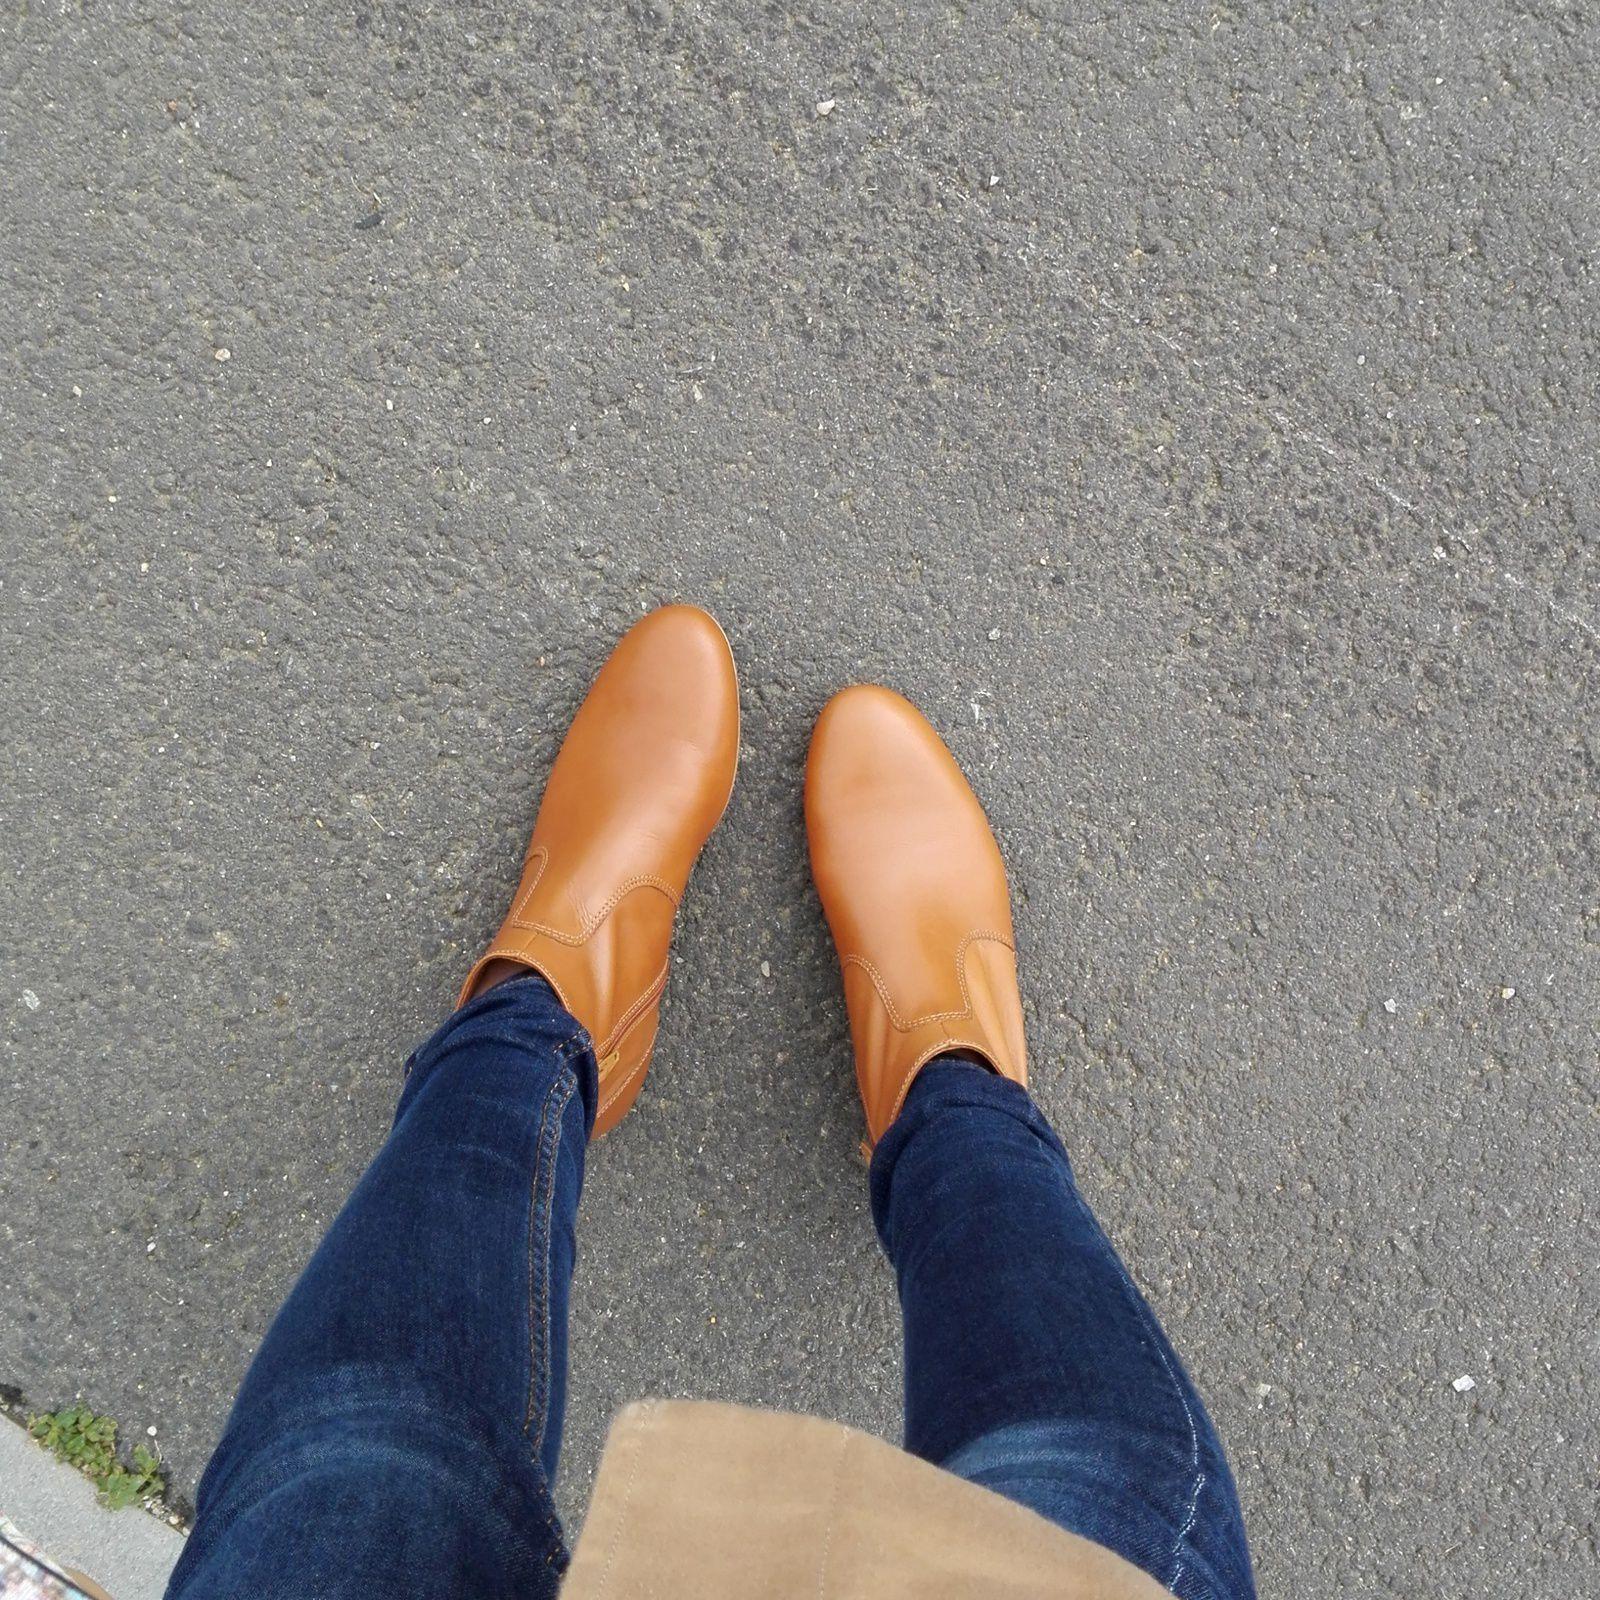 Nouvelles bottines (Minelli), j'aime le mauvais temps pour cela, on peut ressortir les bottines